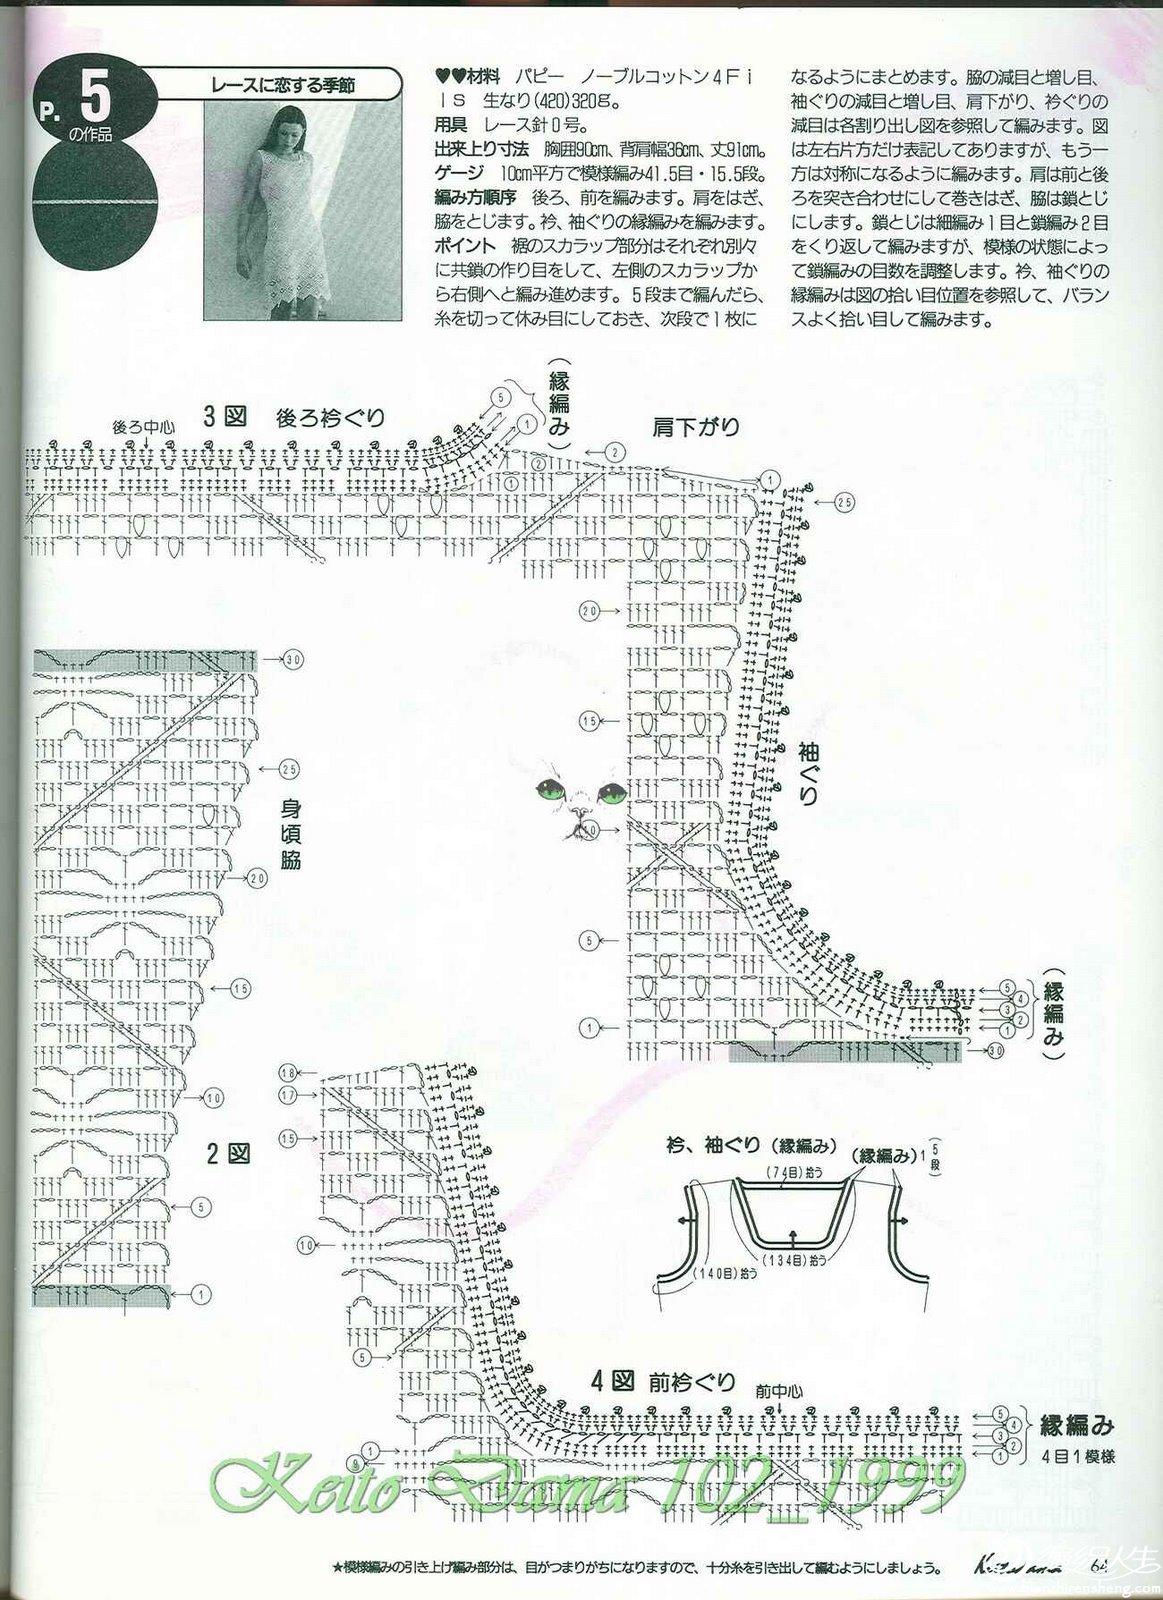 Keito Dama 102_1999 046.jpg